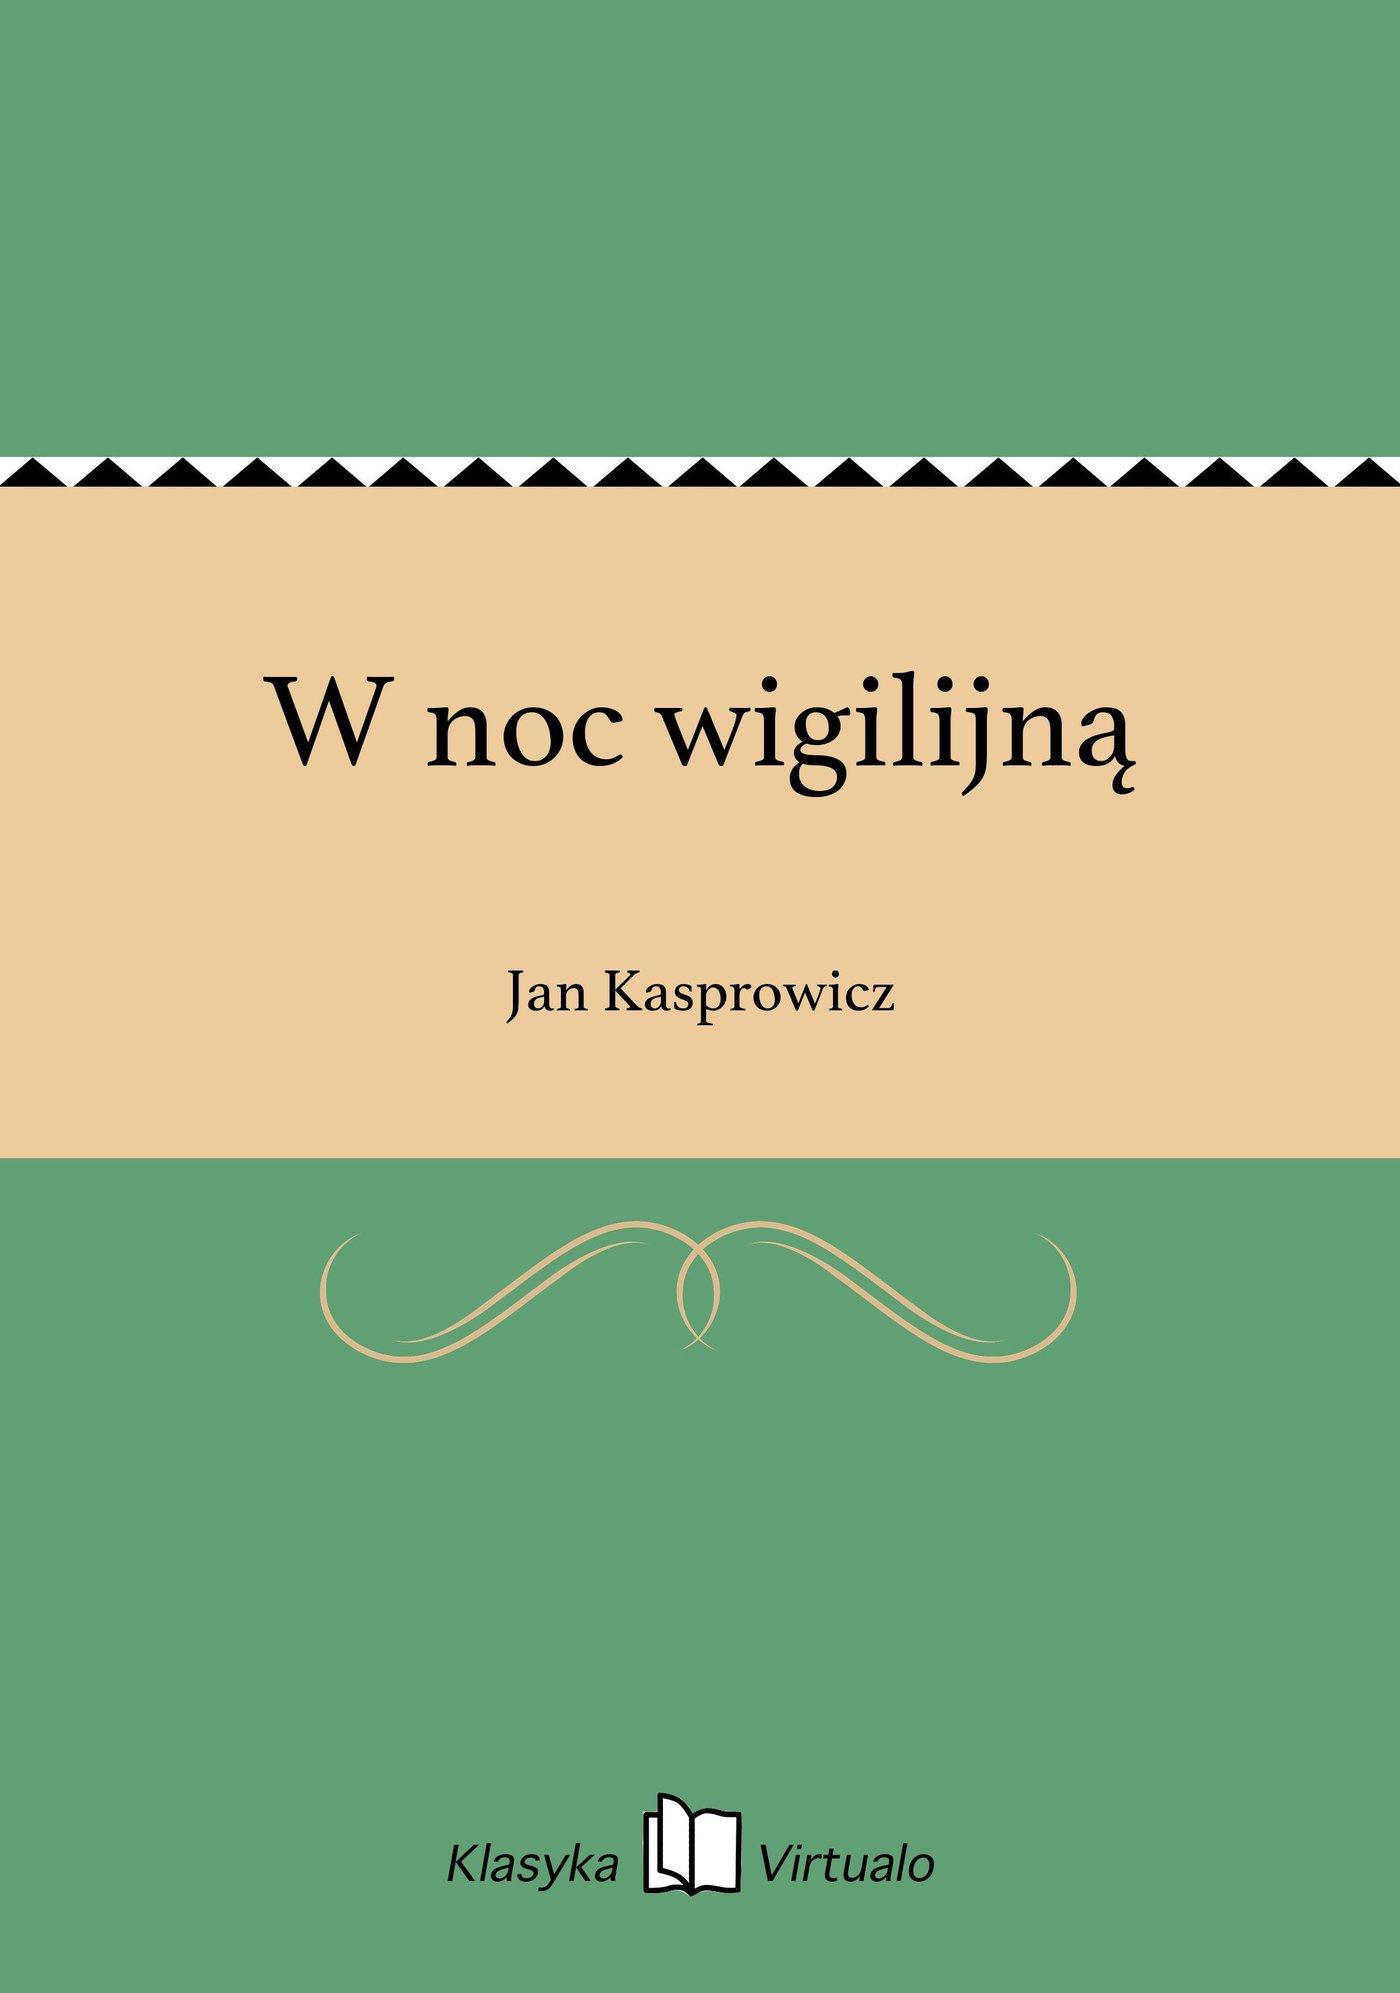 W noc wigilijną - Ebook (Książka na Kindle) do pobrania w formacie MOBI